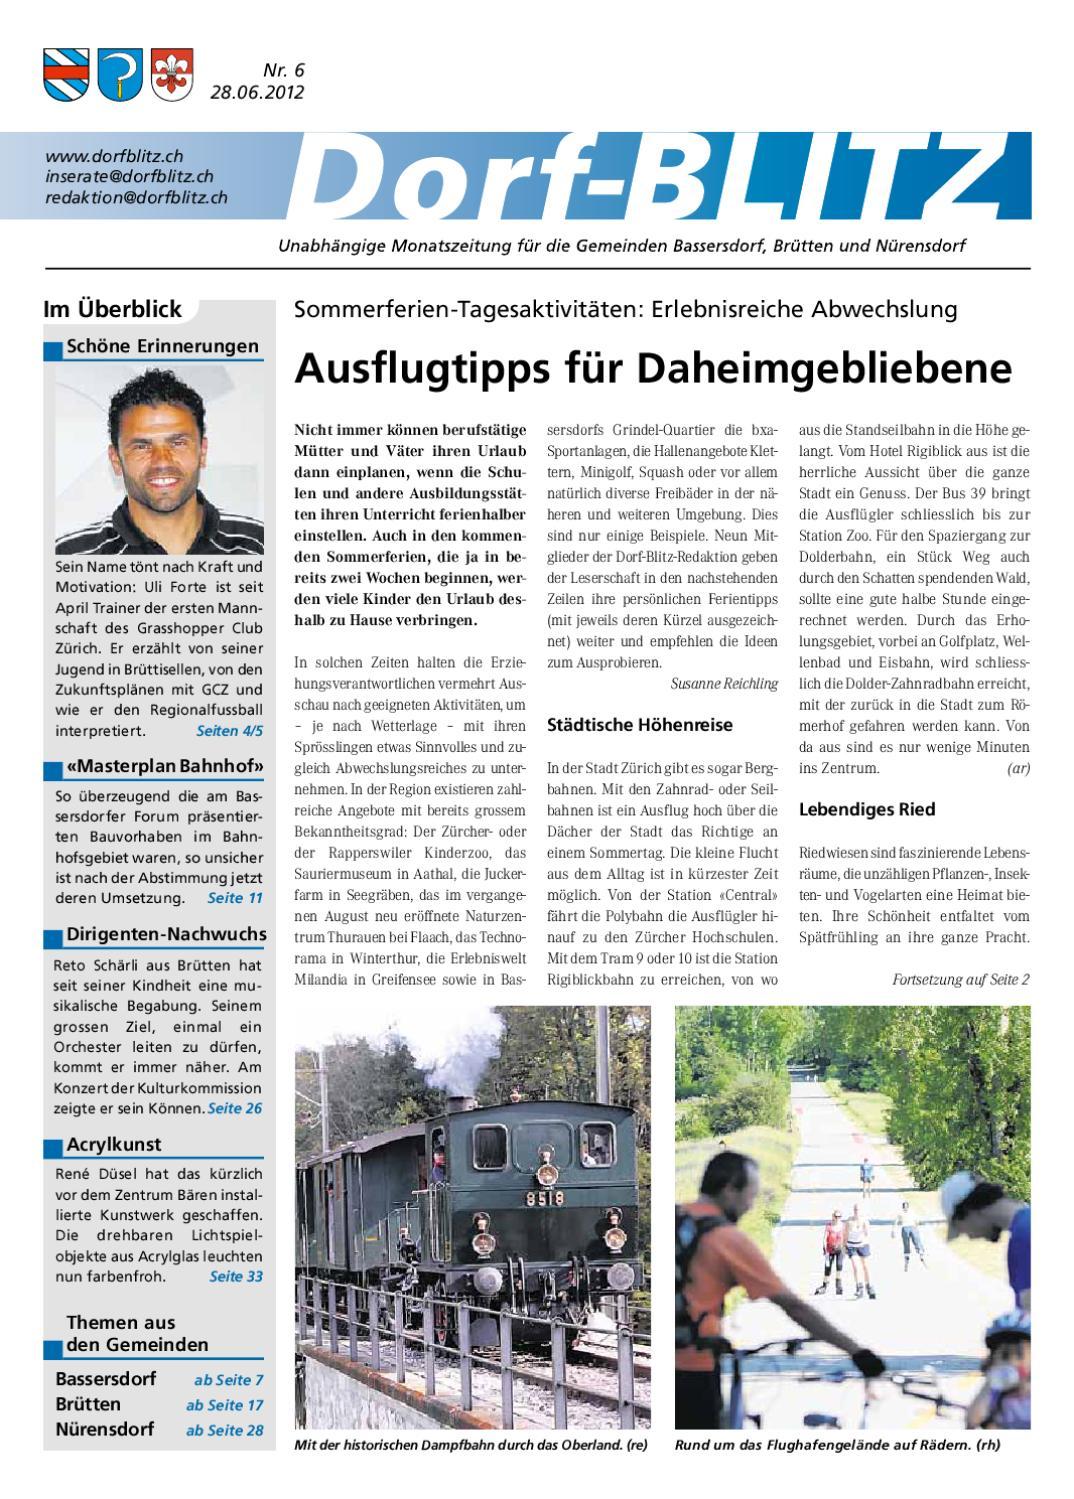 Single Frau sucht Mann Glarus - Partnersuche in Dorf